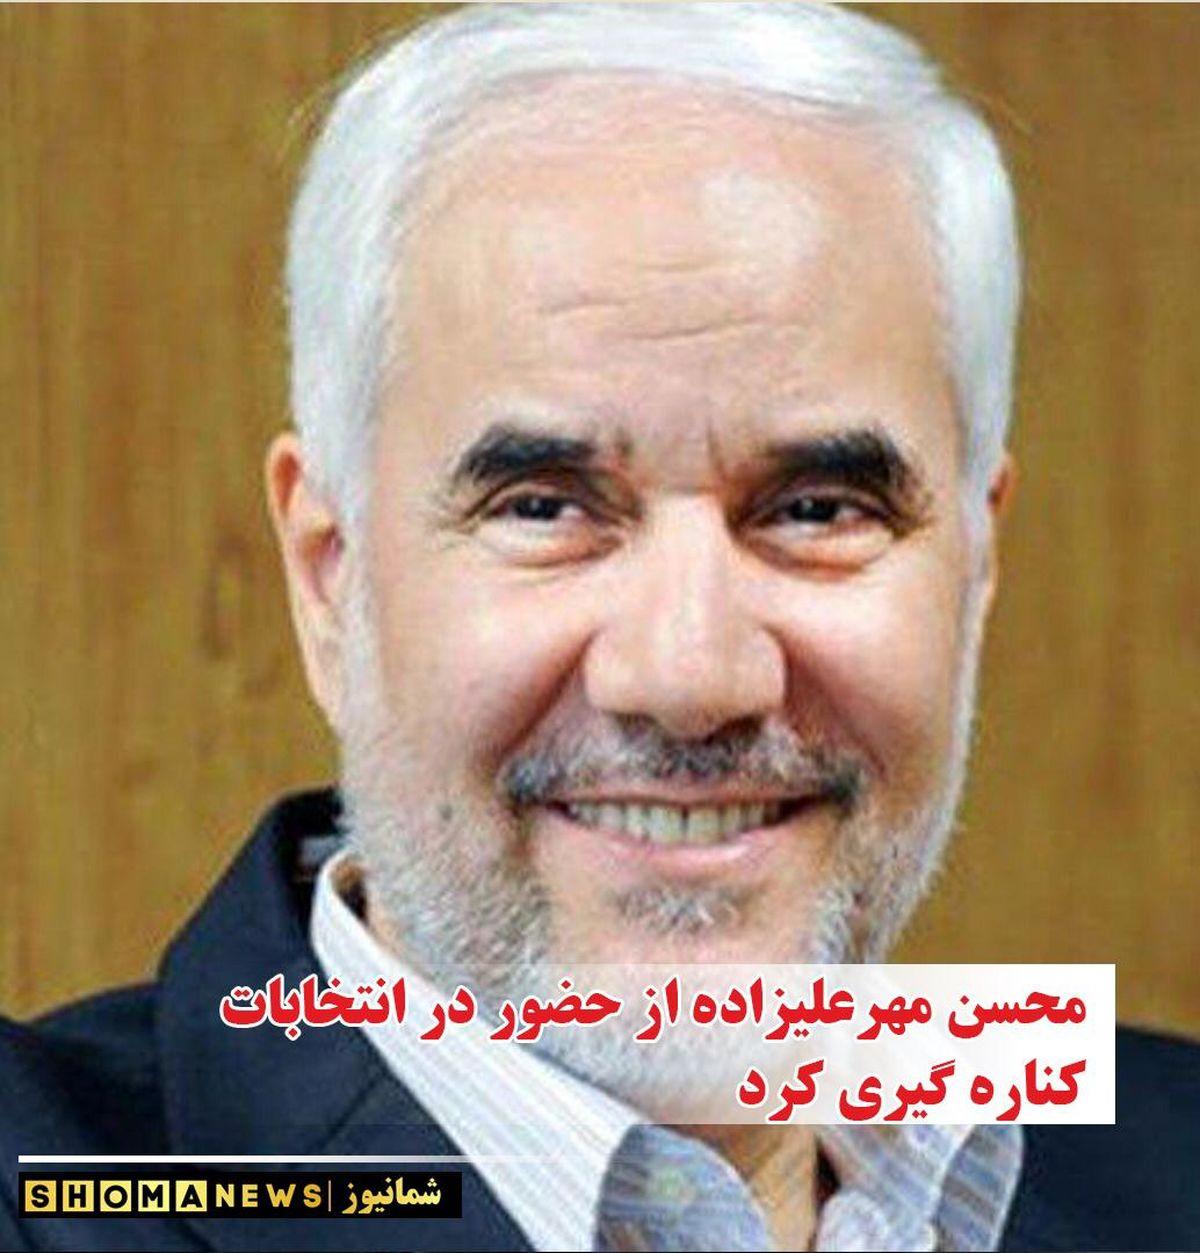 فوری/مهر علیزاده از حضور در انتخابات انصراف داد